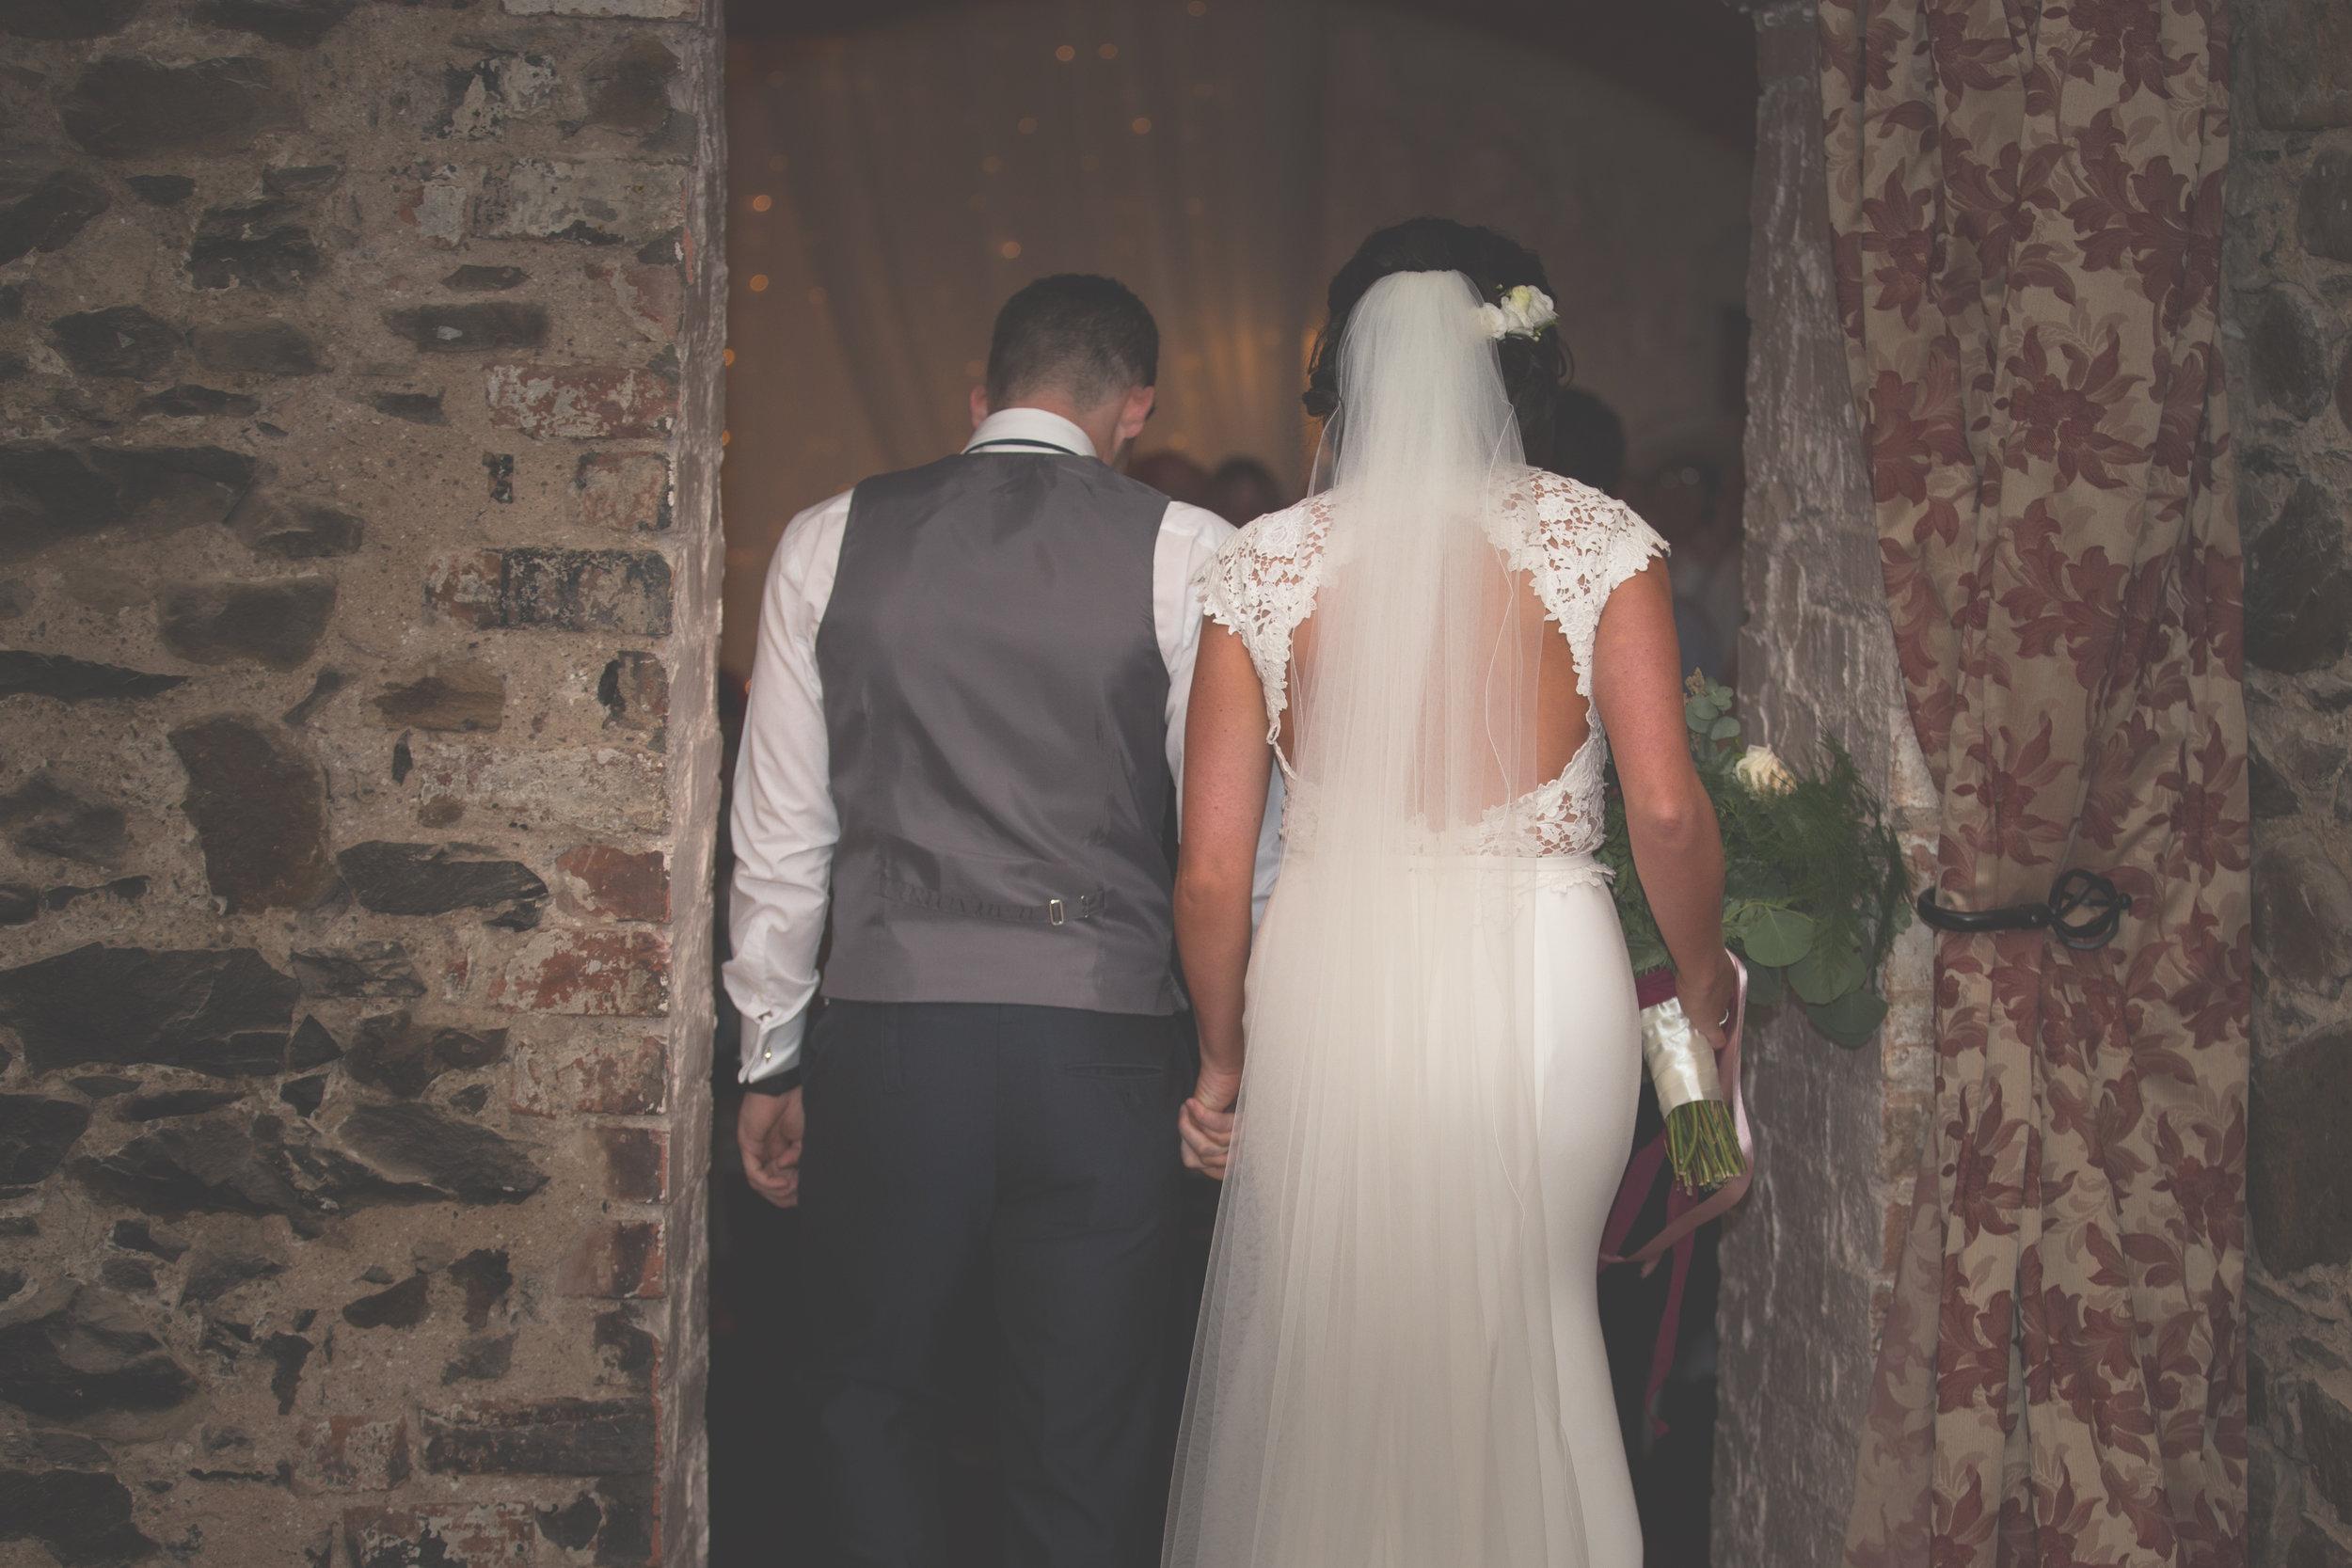 Brian McEwan Wedding Photography | Carol-Anne & Sean | The Speeches-53.jpg